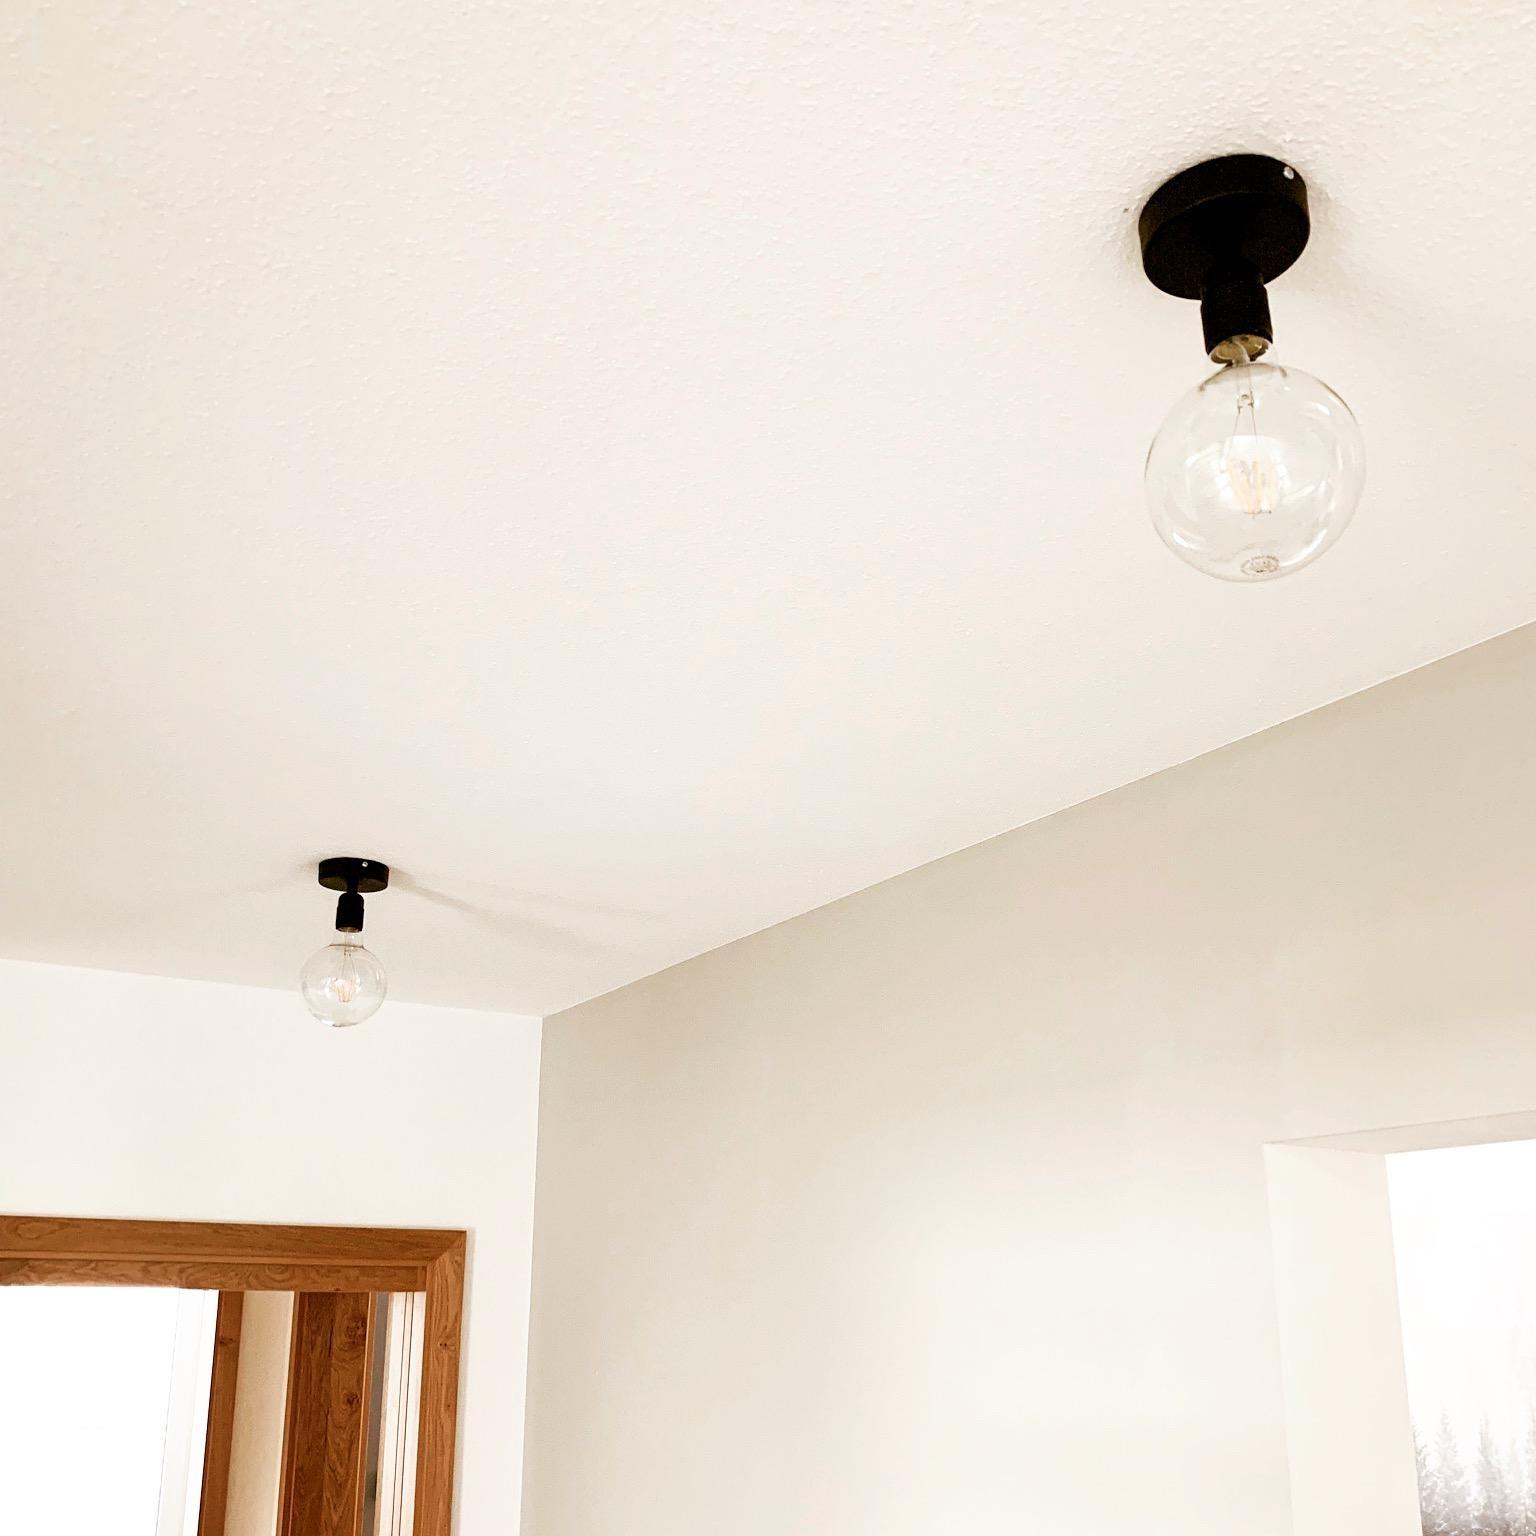 Full Size of Schlafzimmer Deckenlampe Ideen Wohnzimmer Deckenlampen Für Tapeten Bad Renovieren Modern Wohnzimmer Deckenlampen Ideen